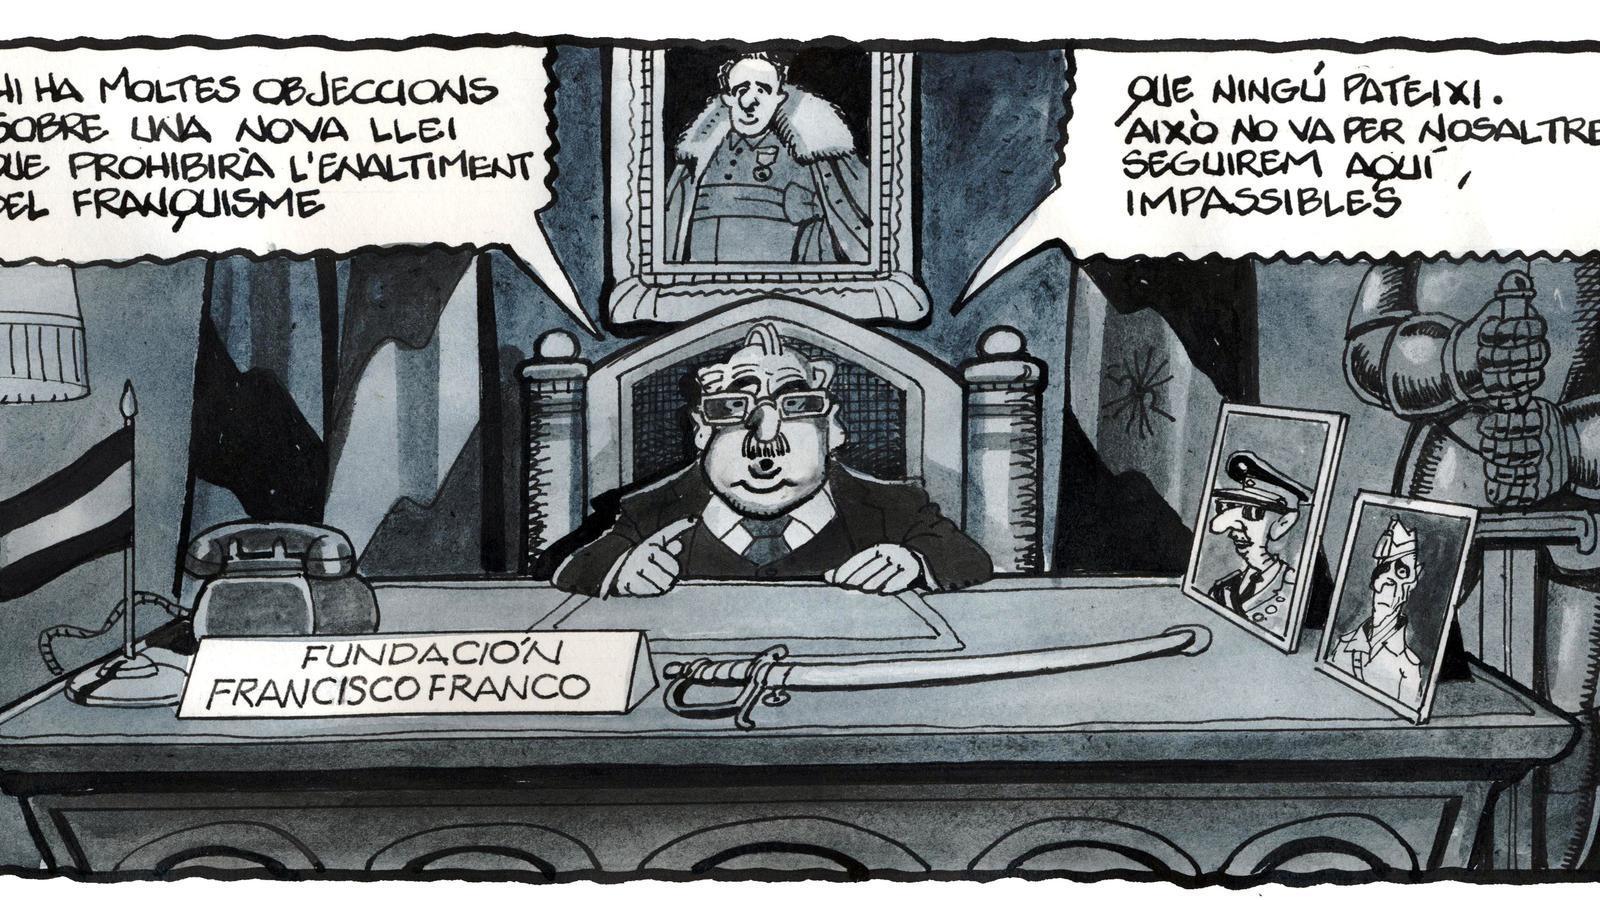 'A la contra', per Ferreres 22/02/2020